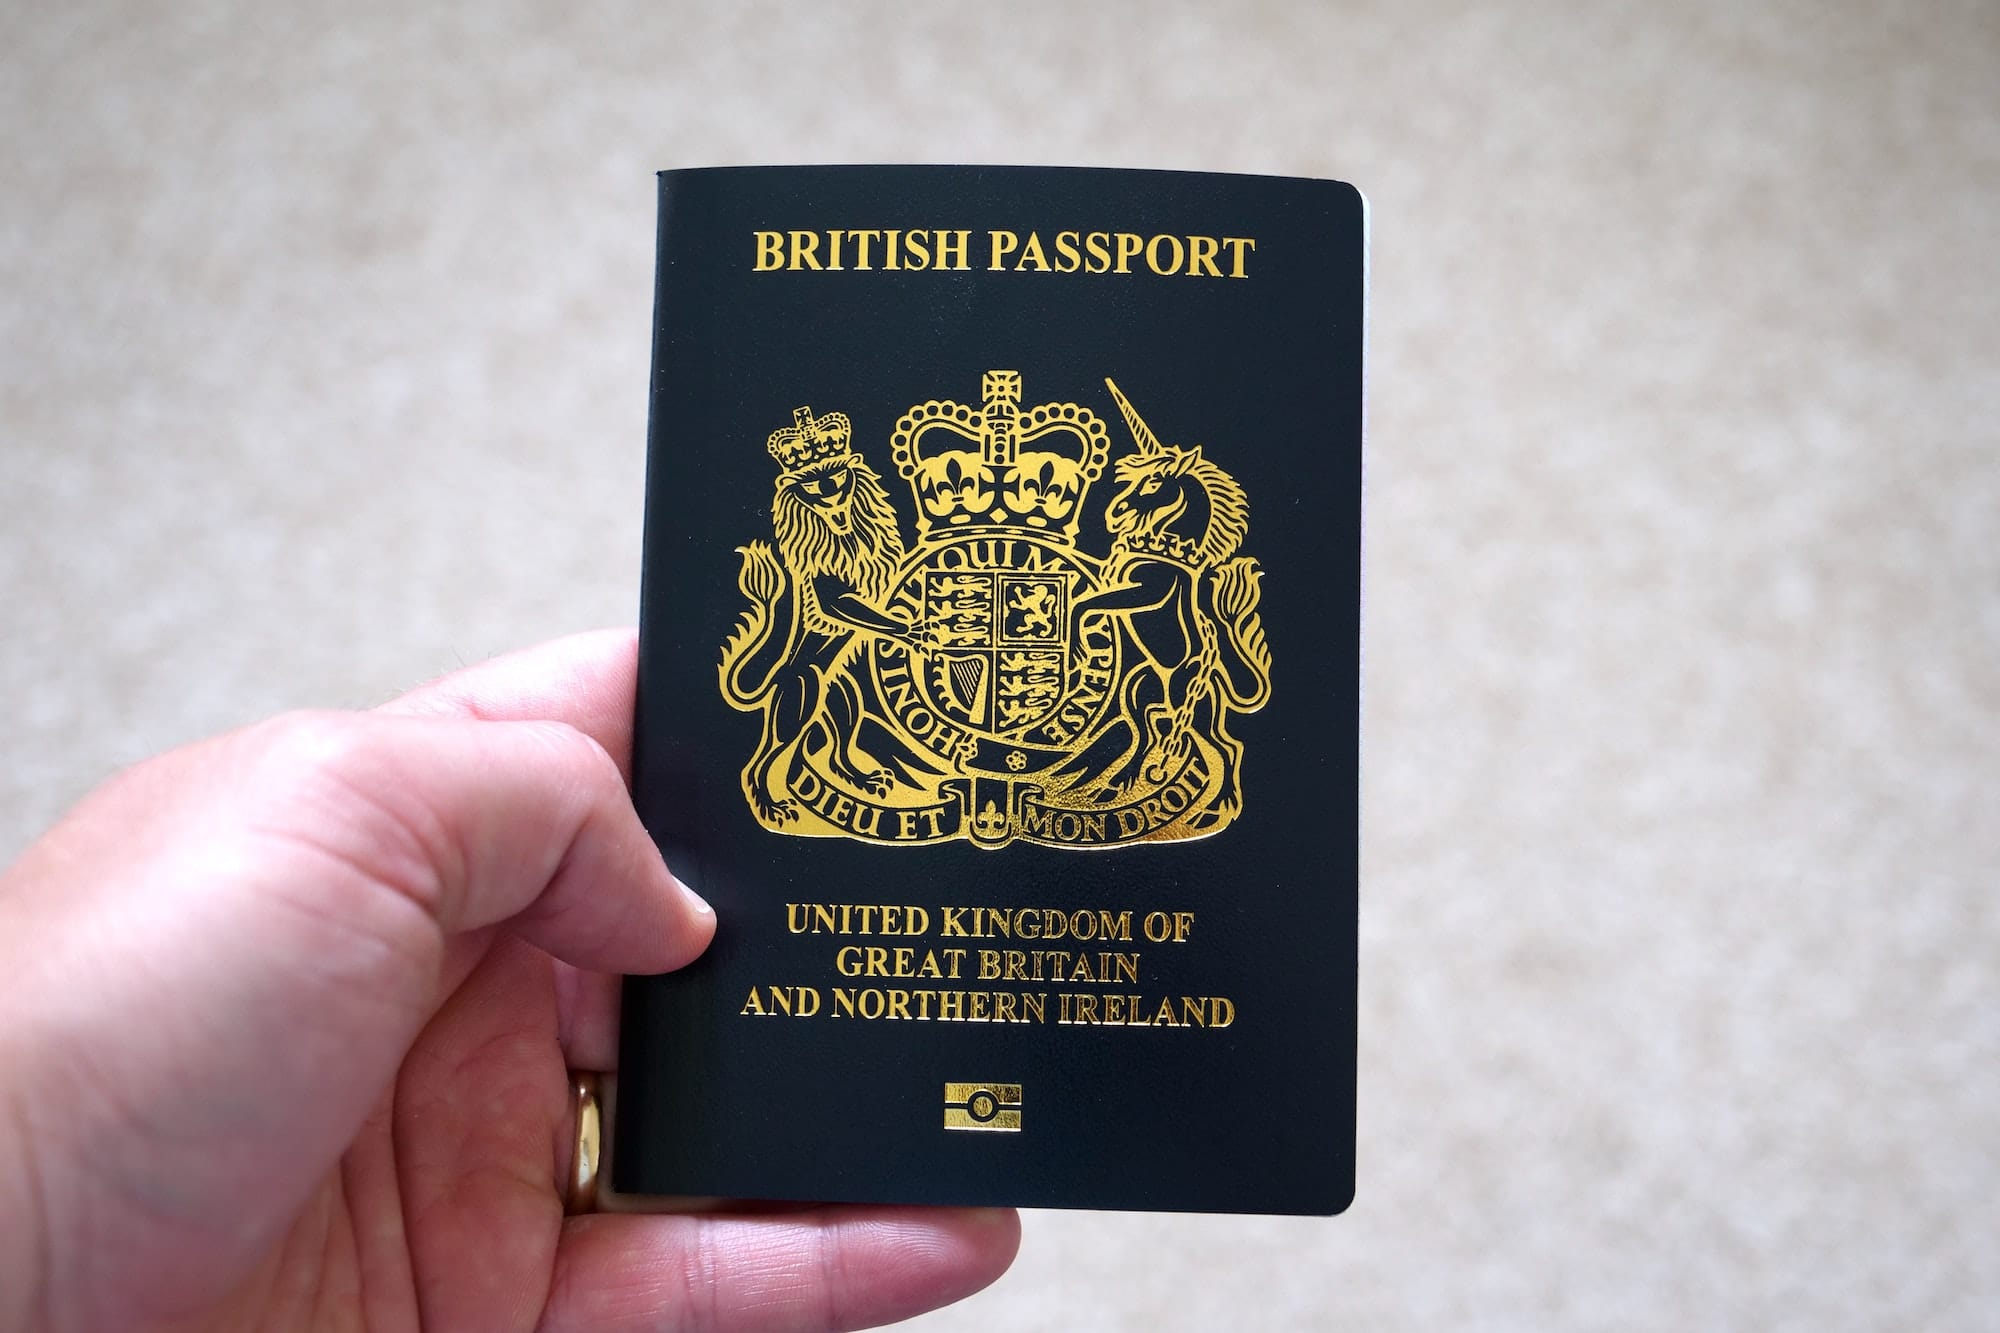 renew-uk-passport-online